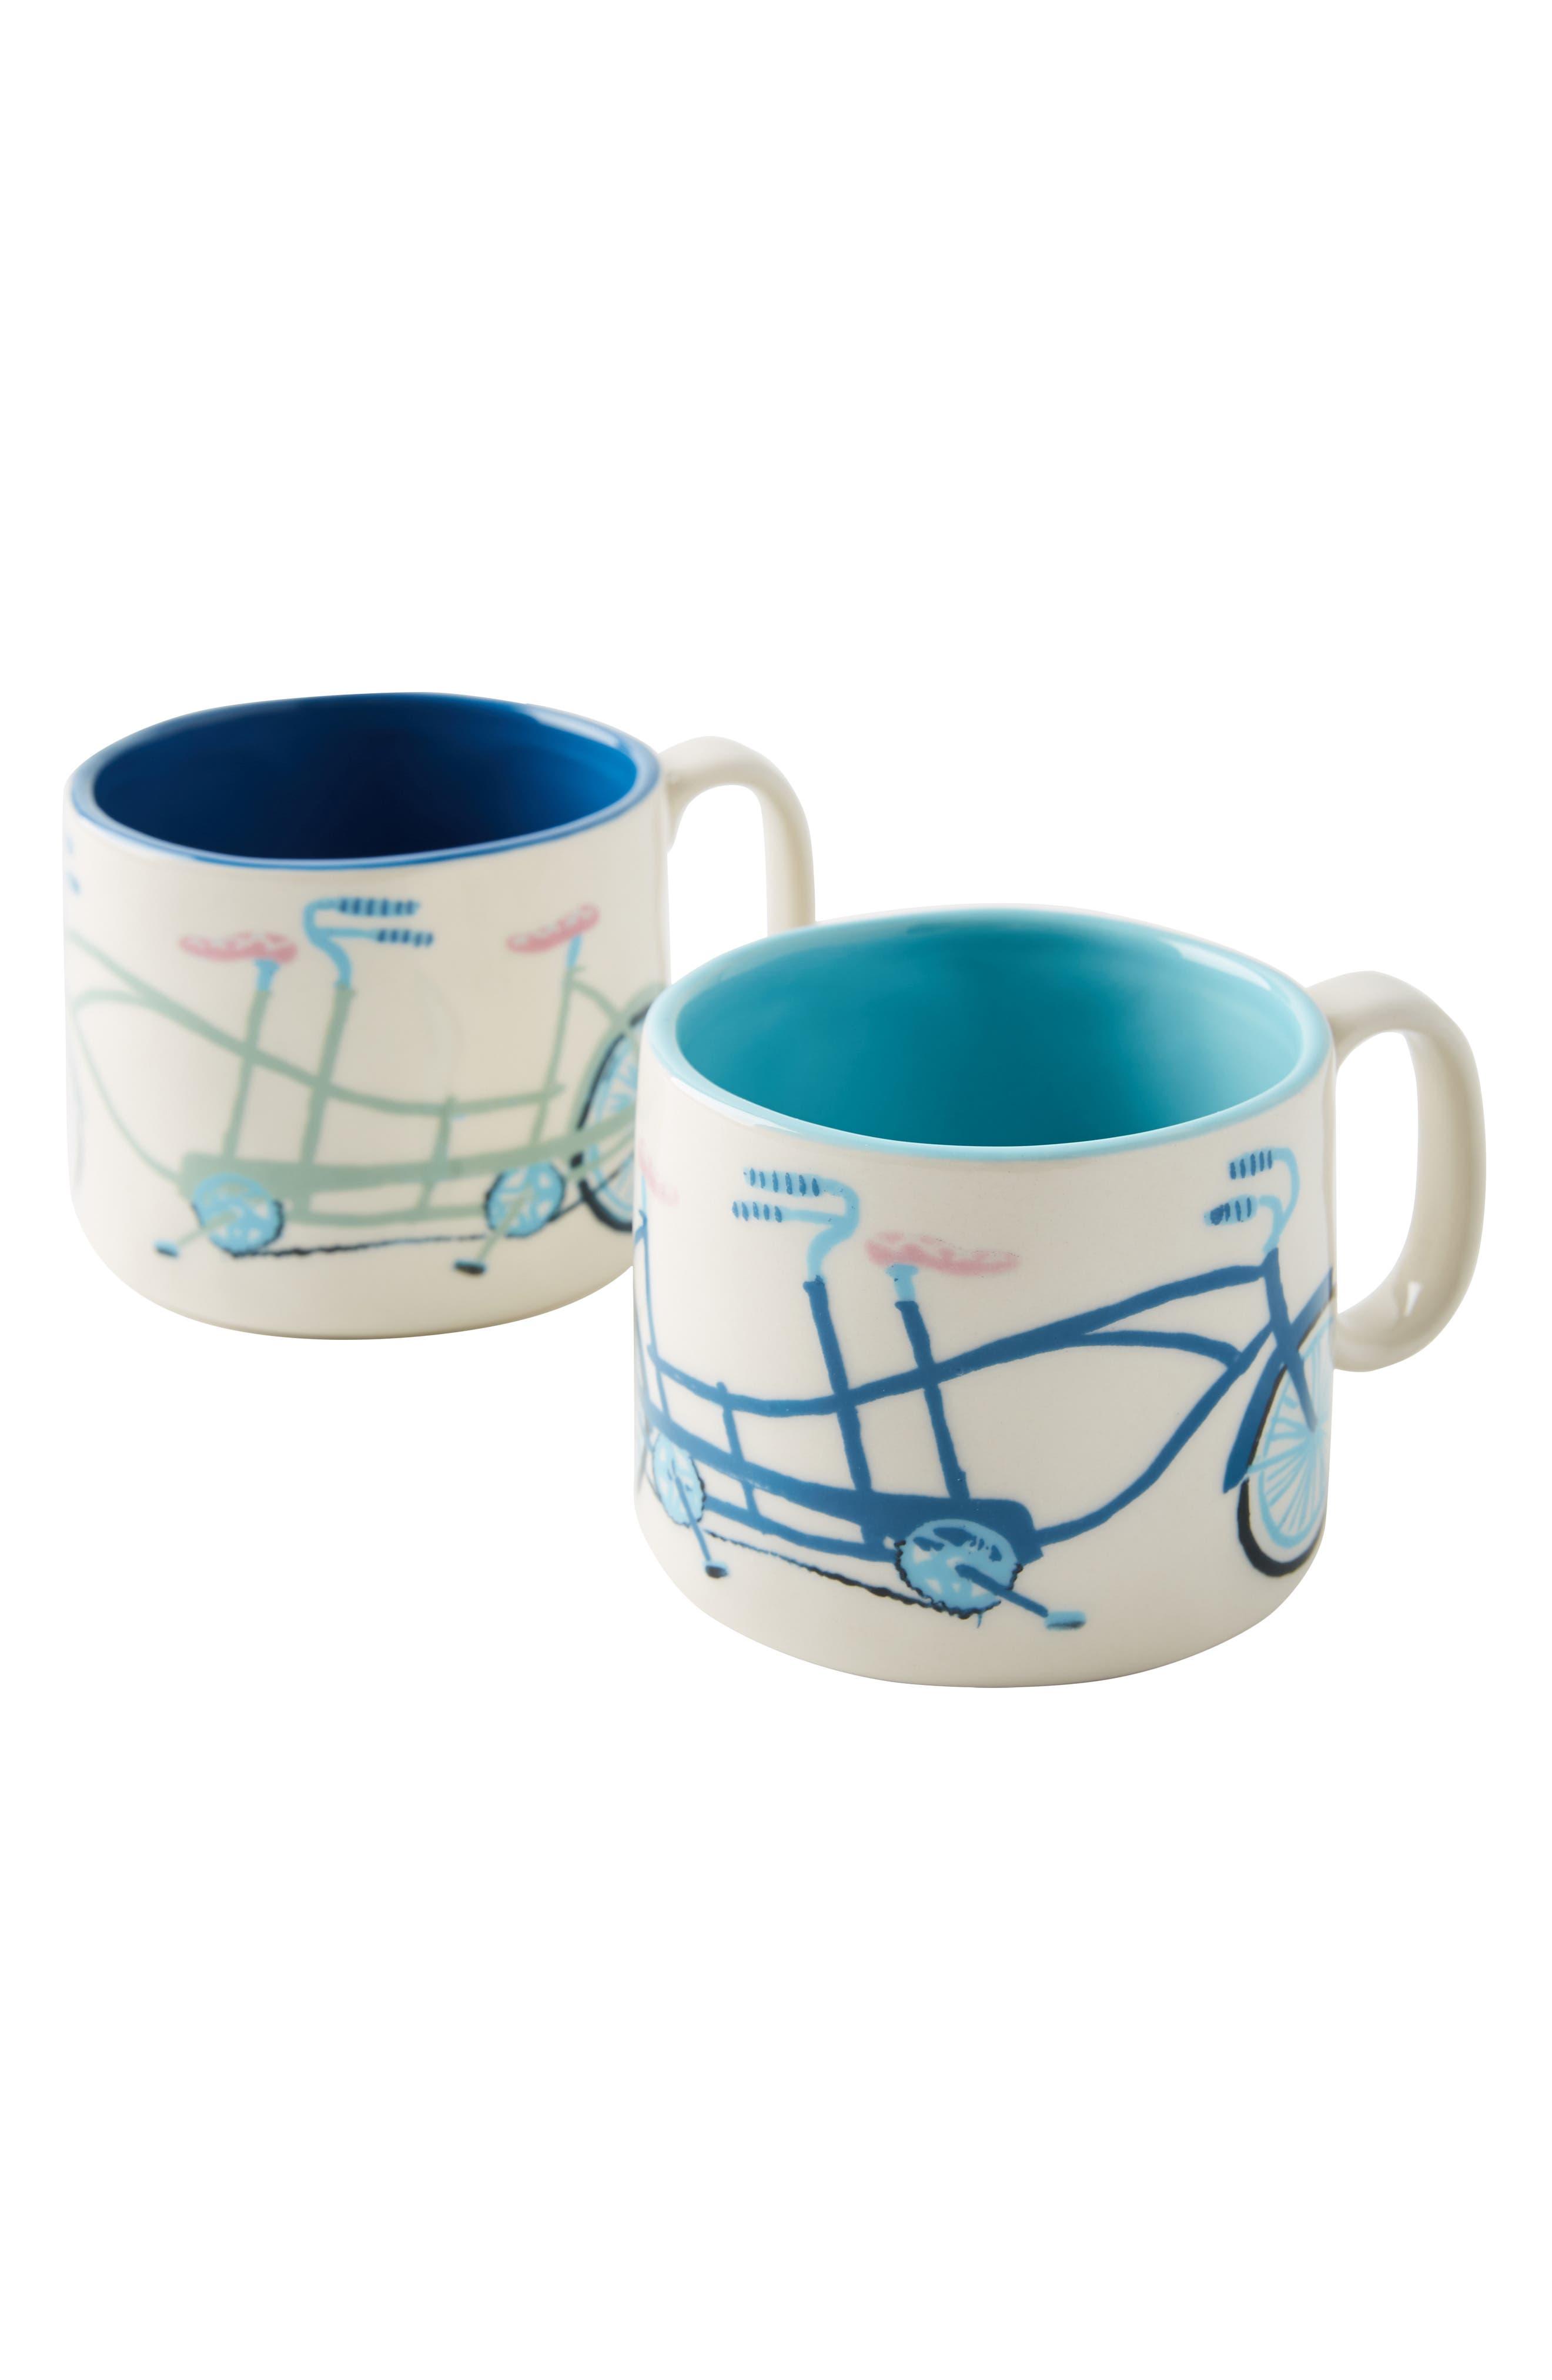 ANTHROPOLOGIE,                             Tandem Mug Set of 2 Mugs,                             Alternate thumbnail 4, color,                             BETTER TOGETHER